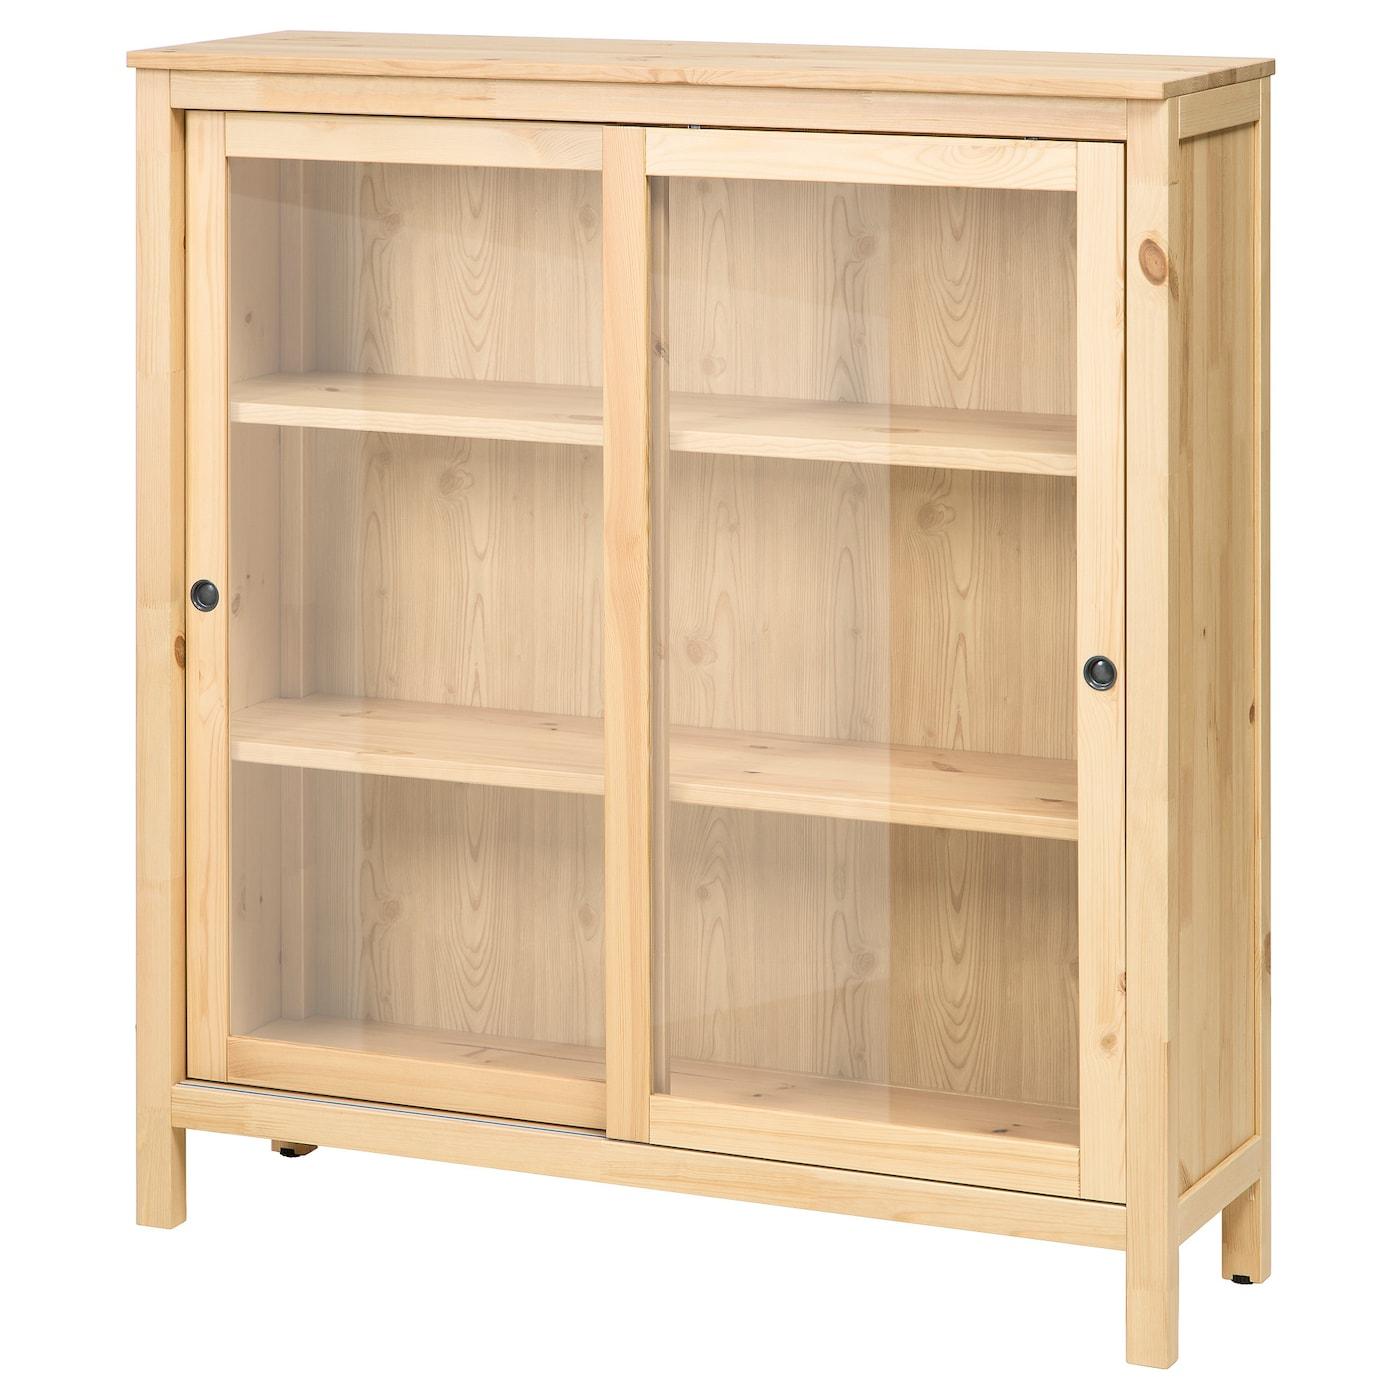 Hemnes glass door cabinet light brown 120x130 cm ikea for Brown sliding glass doors